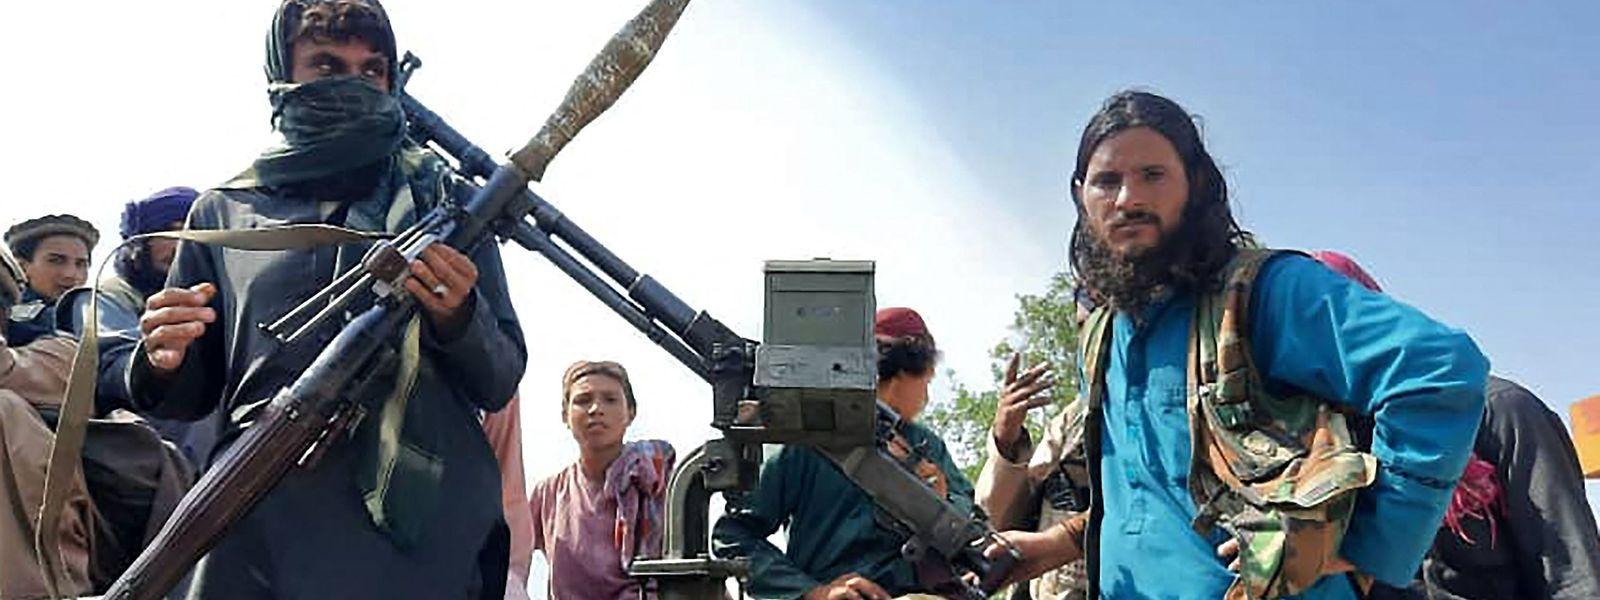 Guerrilheiros taliban